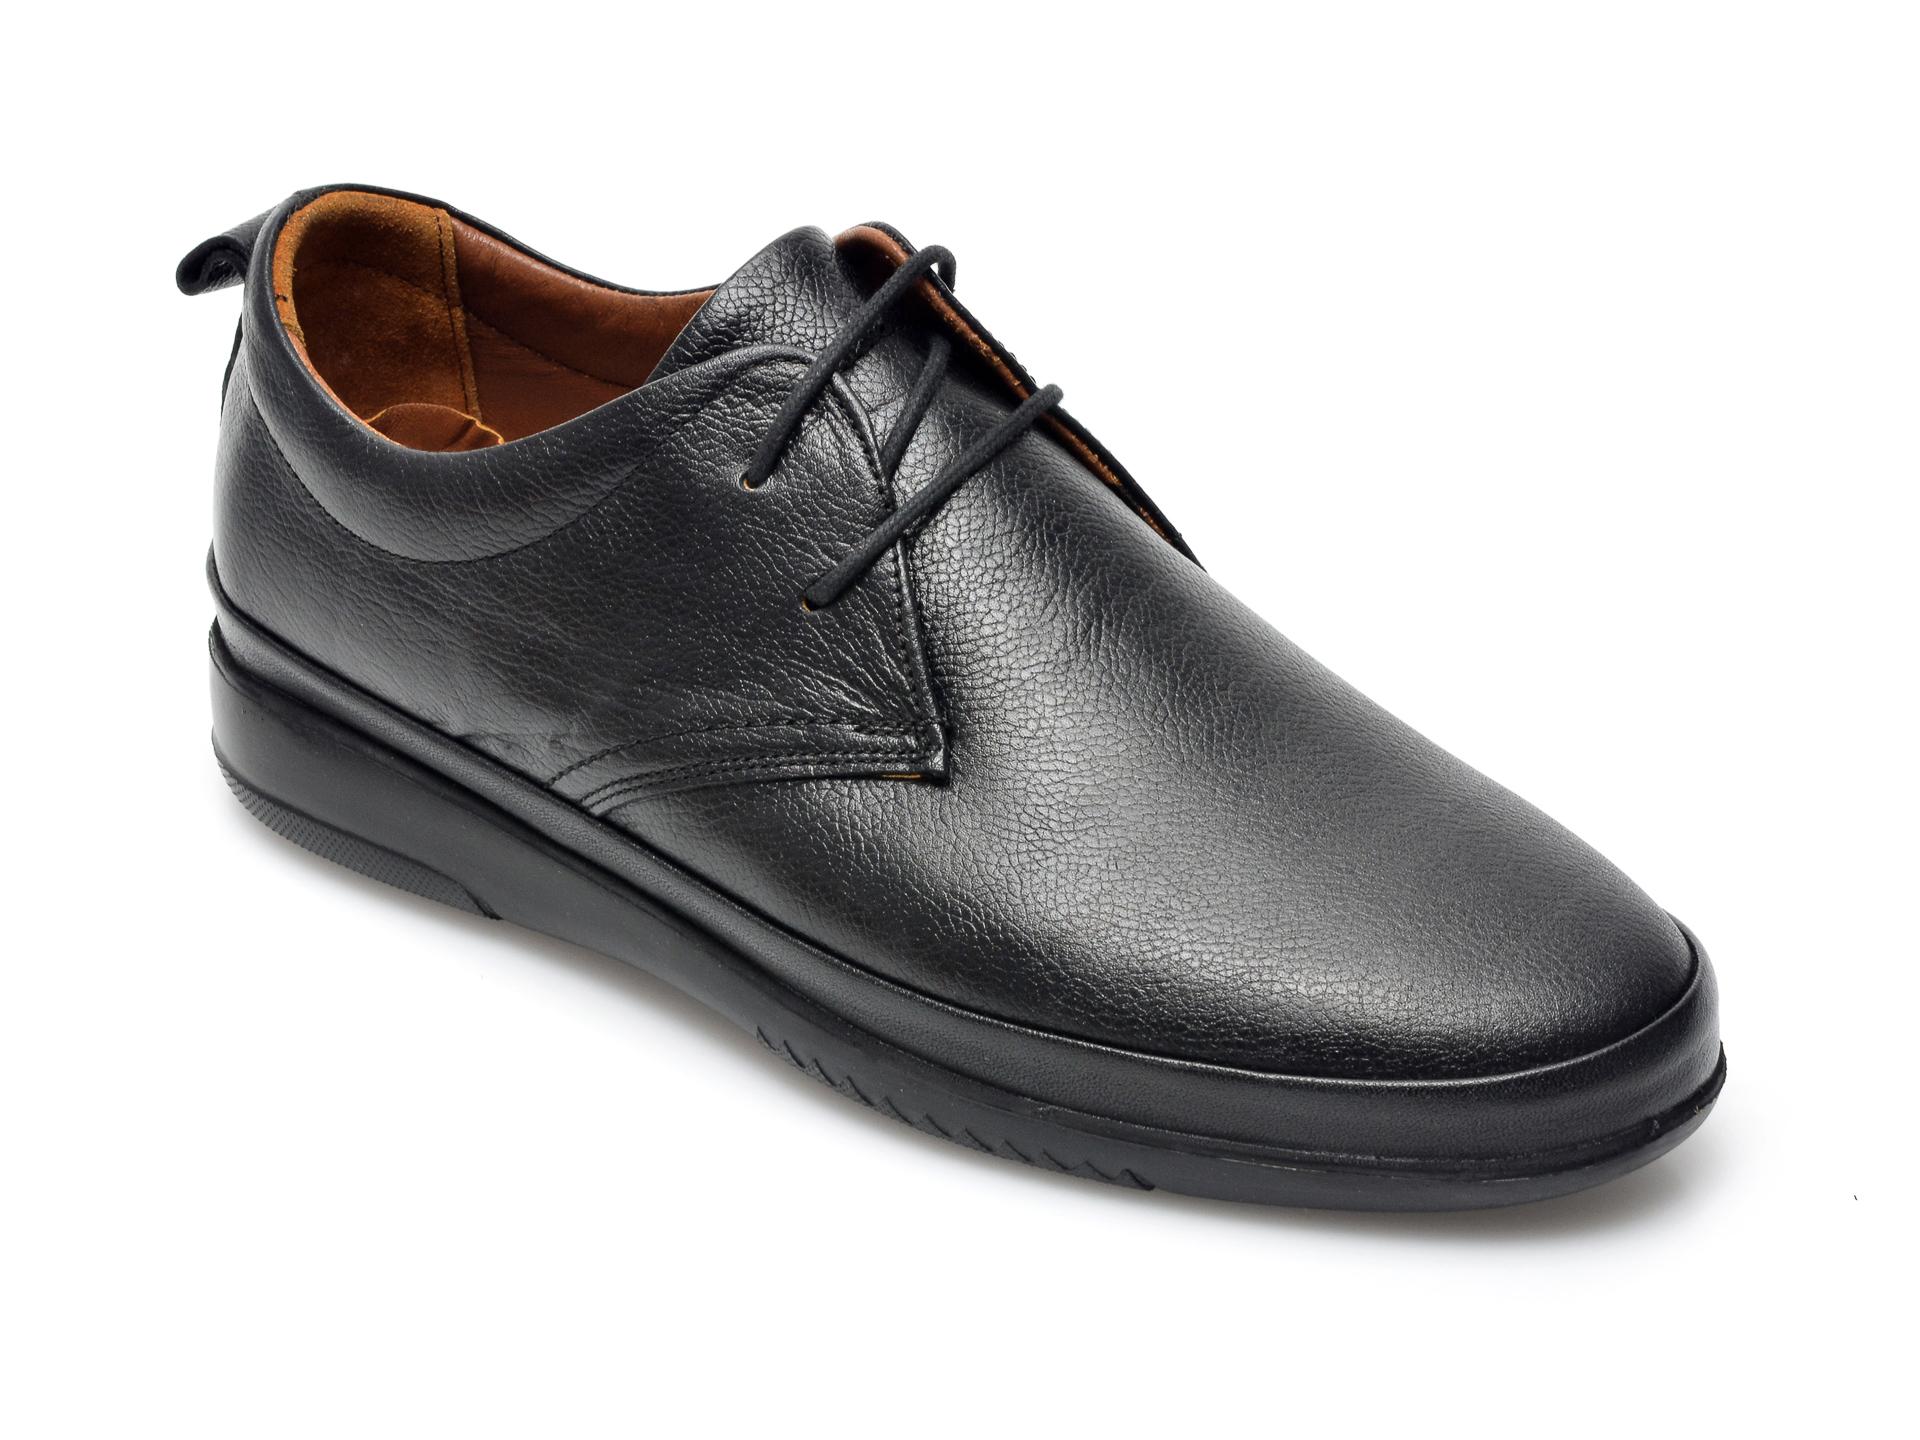 Pantofi OTTER negri, M5380, din piele naturala imagine otter.ro